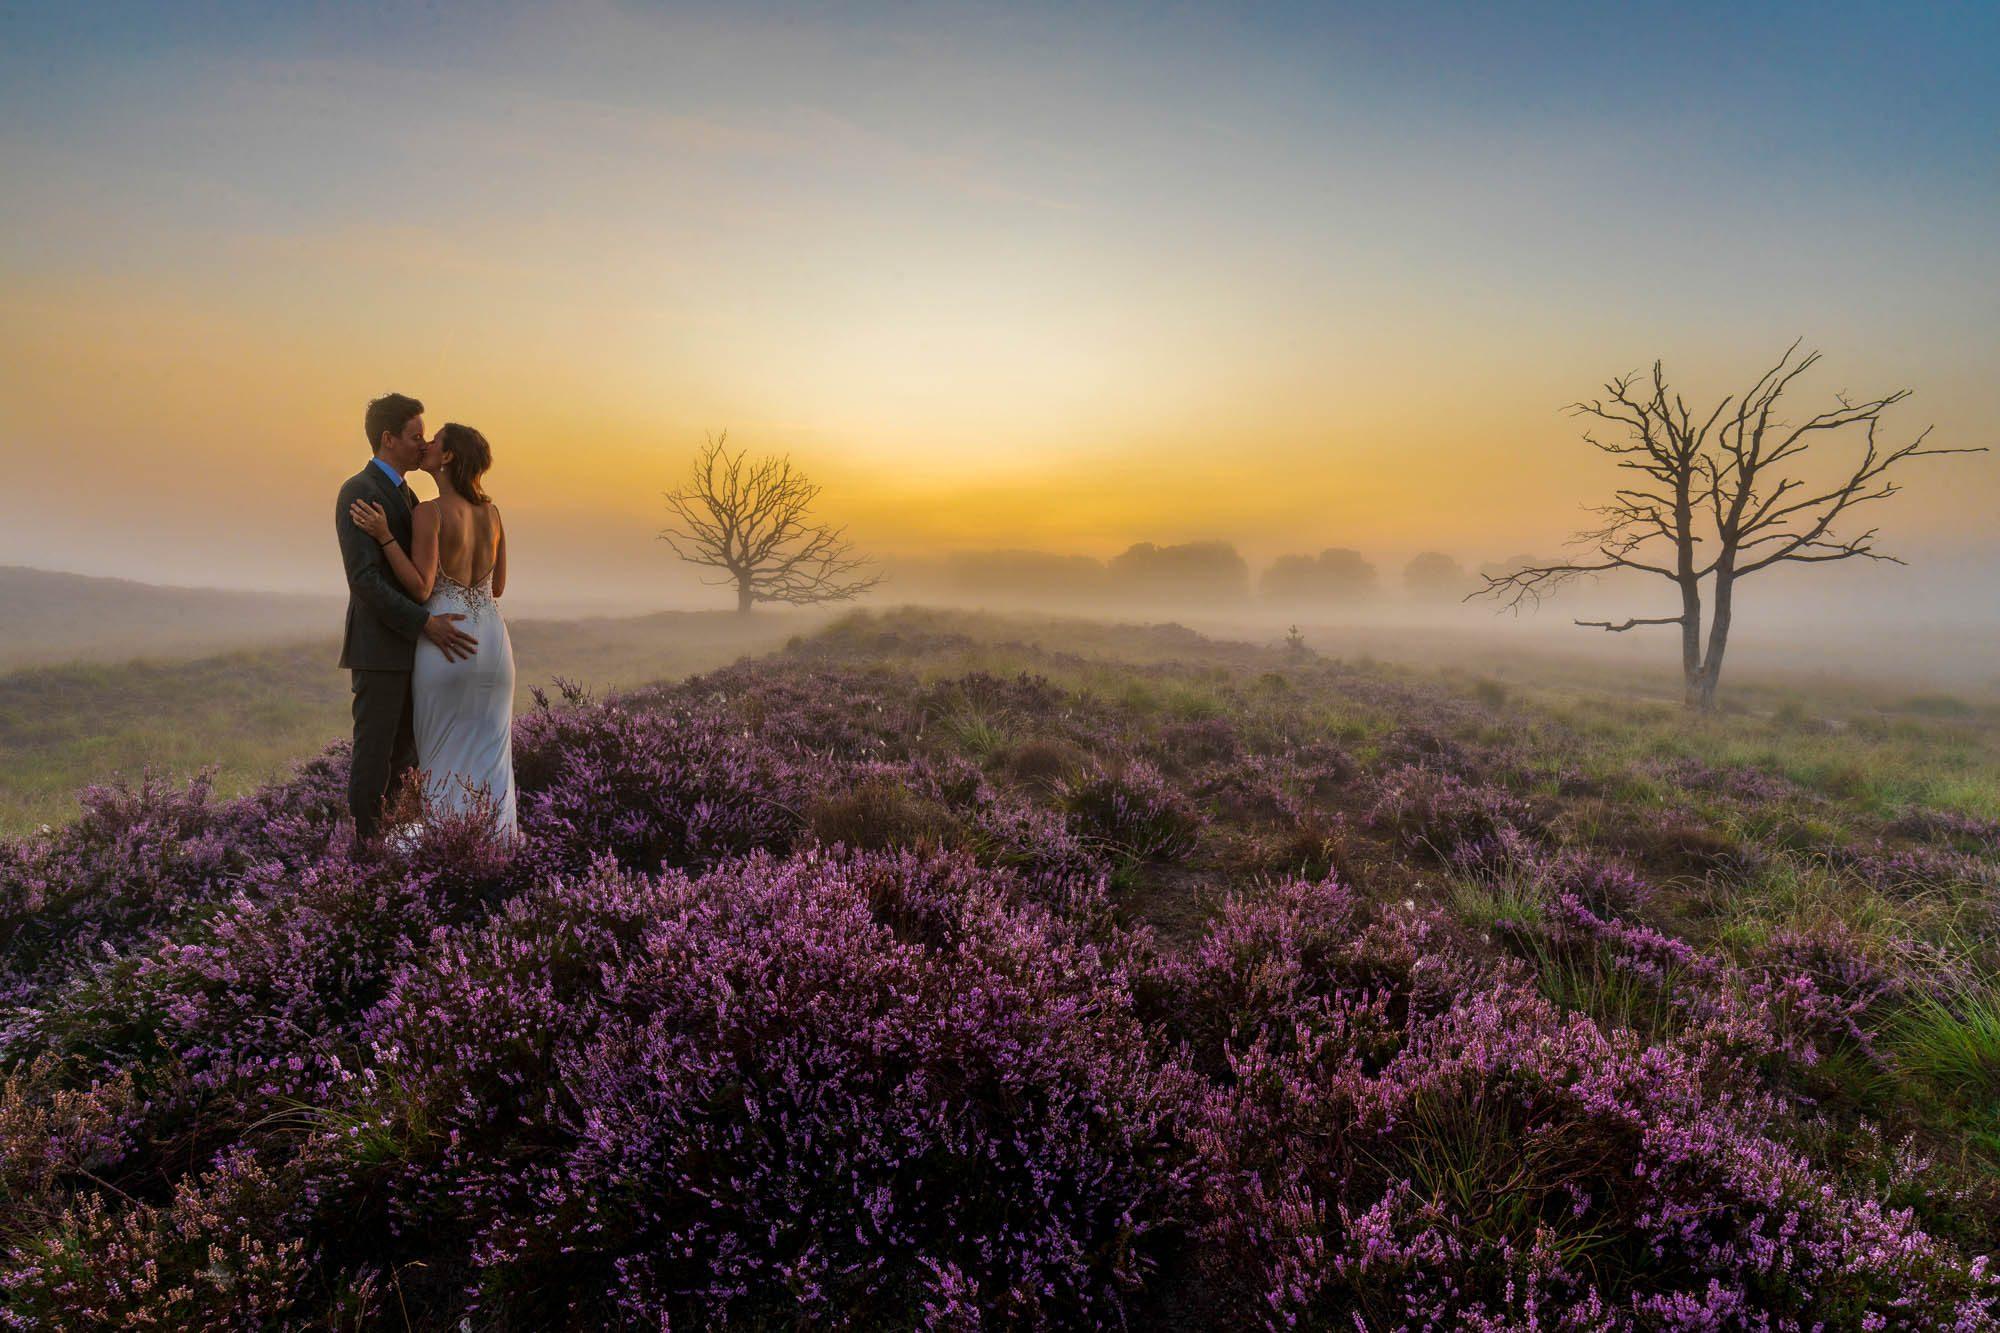 Sprookjesachtige trouwfoto gemaakt tijdens de fotoshoot in de natuur.